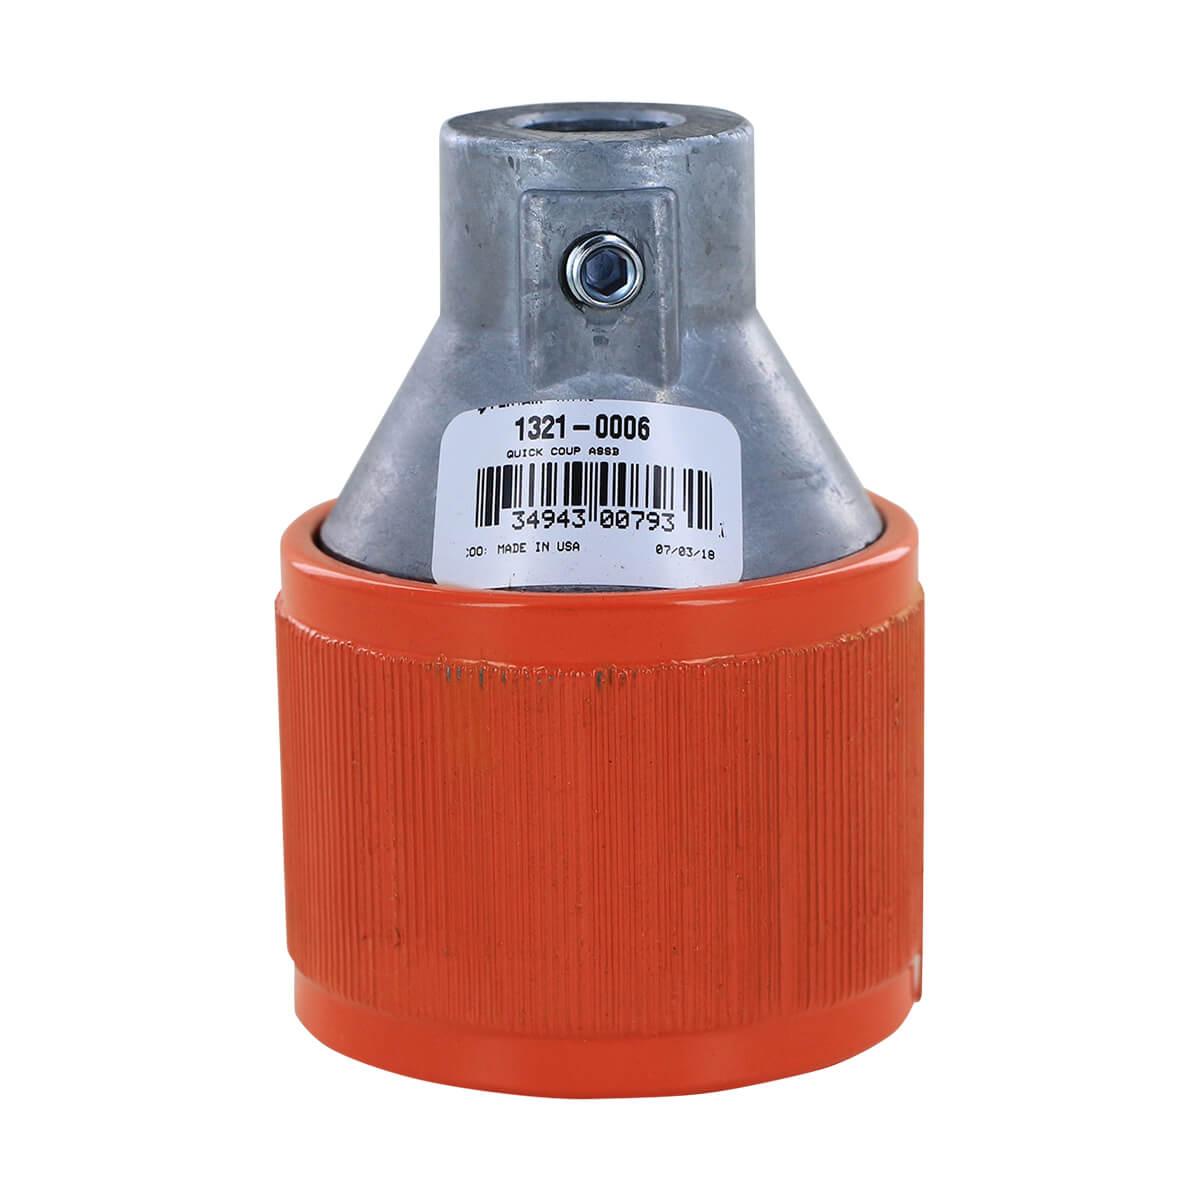 Pump Hypro Cplr JB 1321-0006